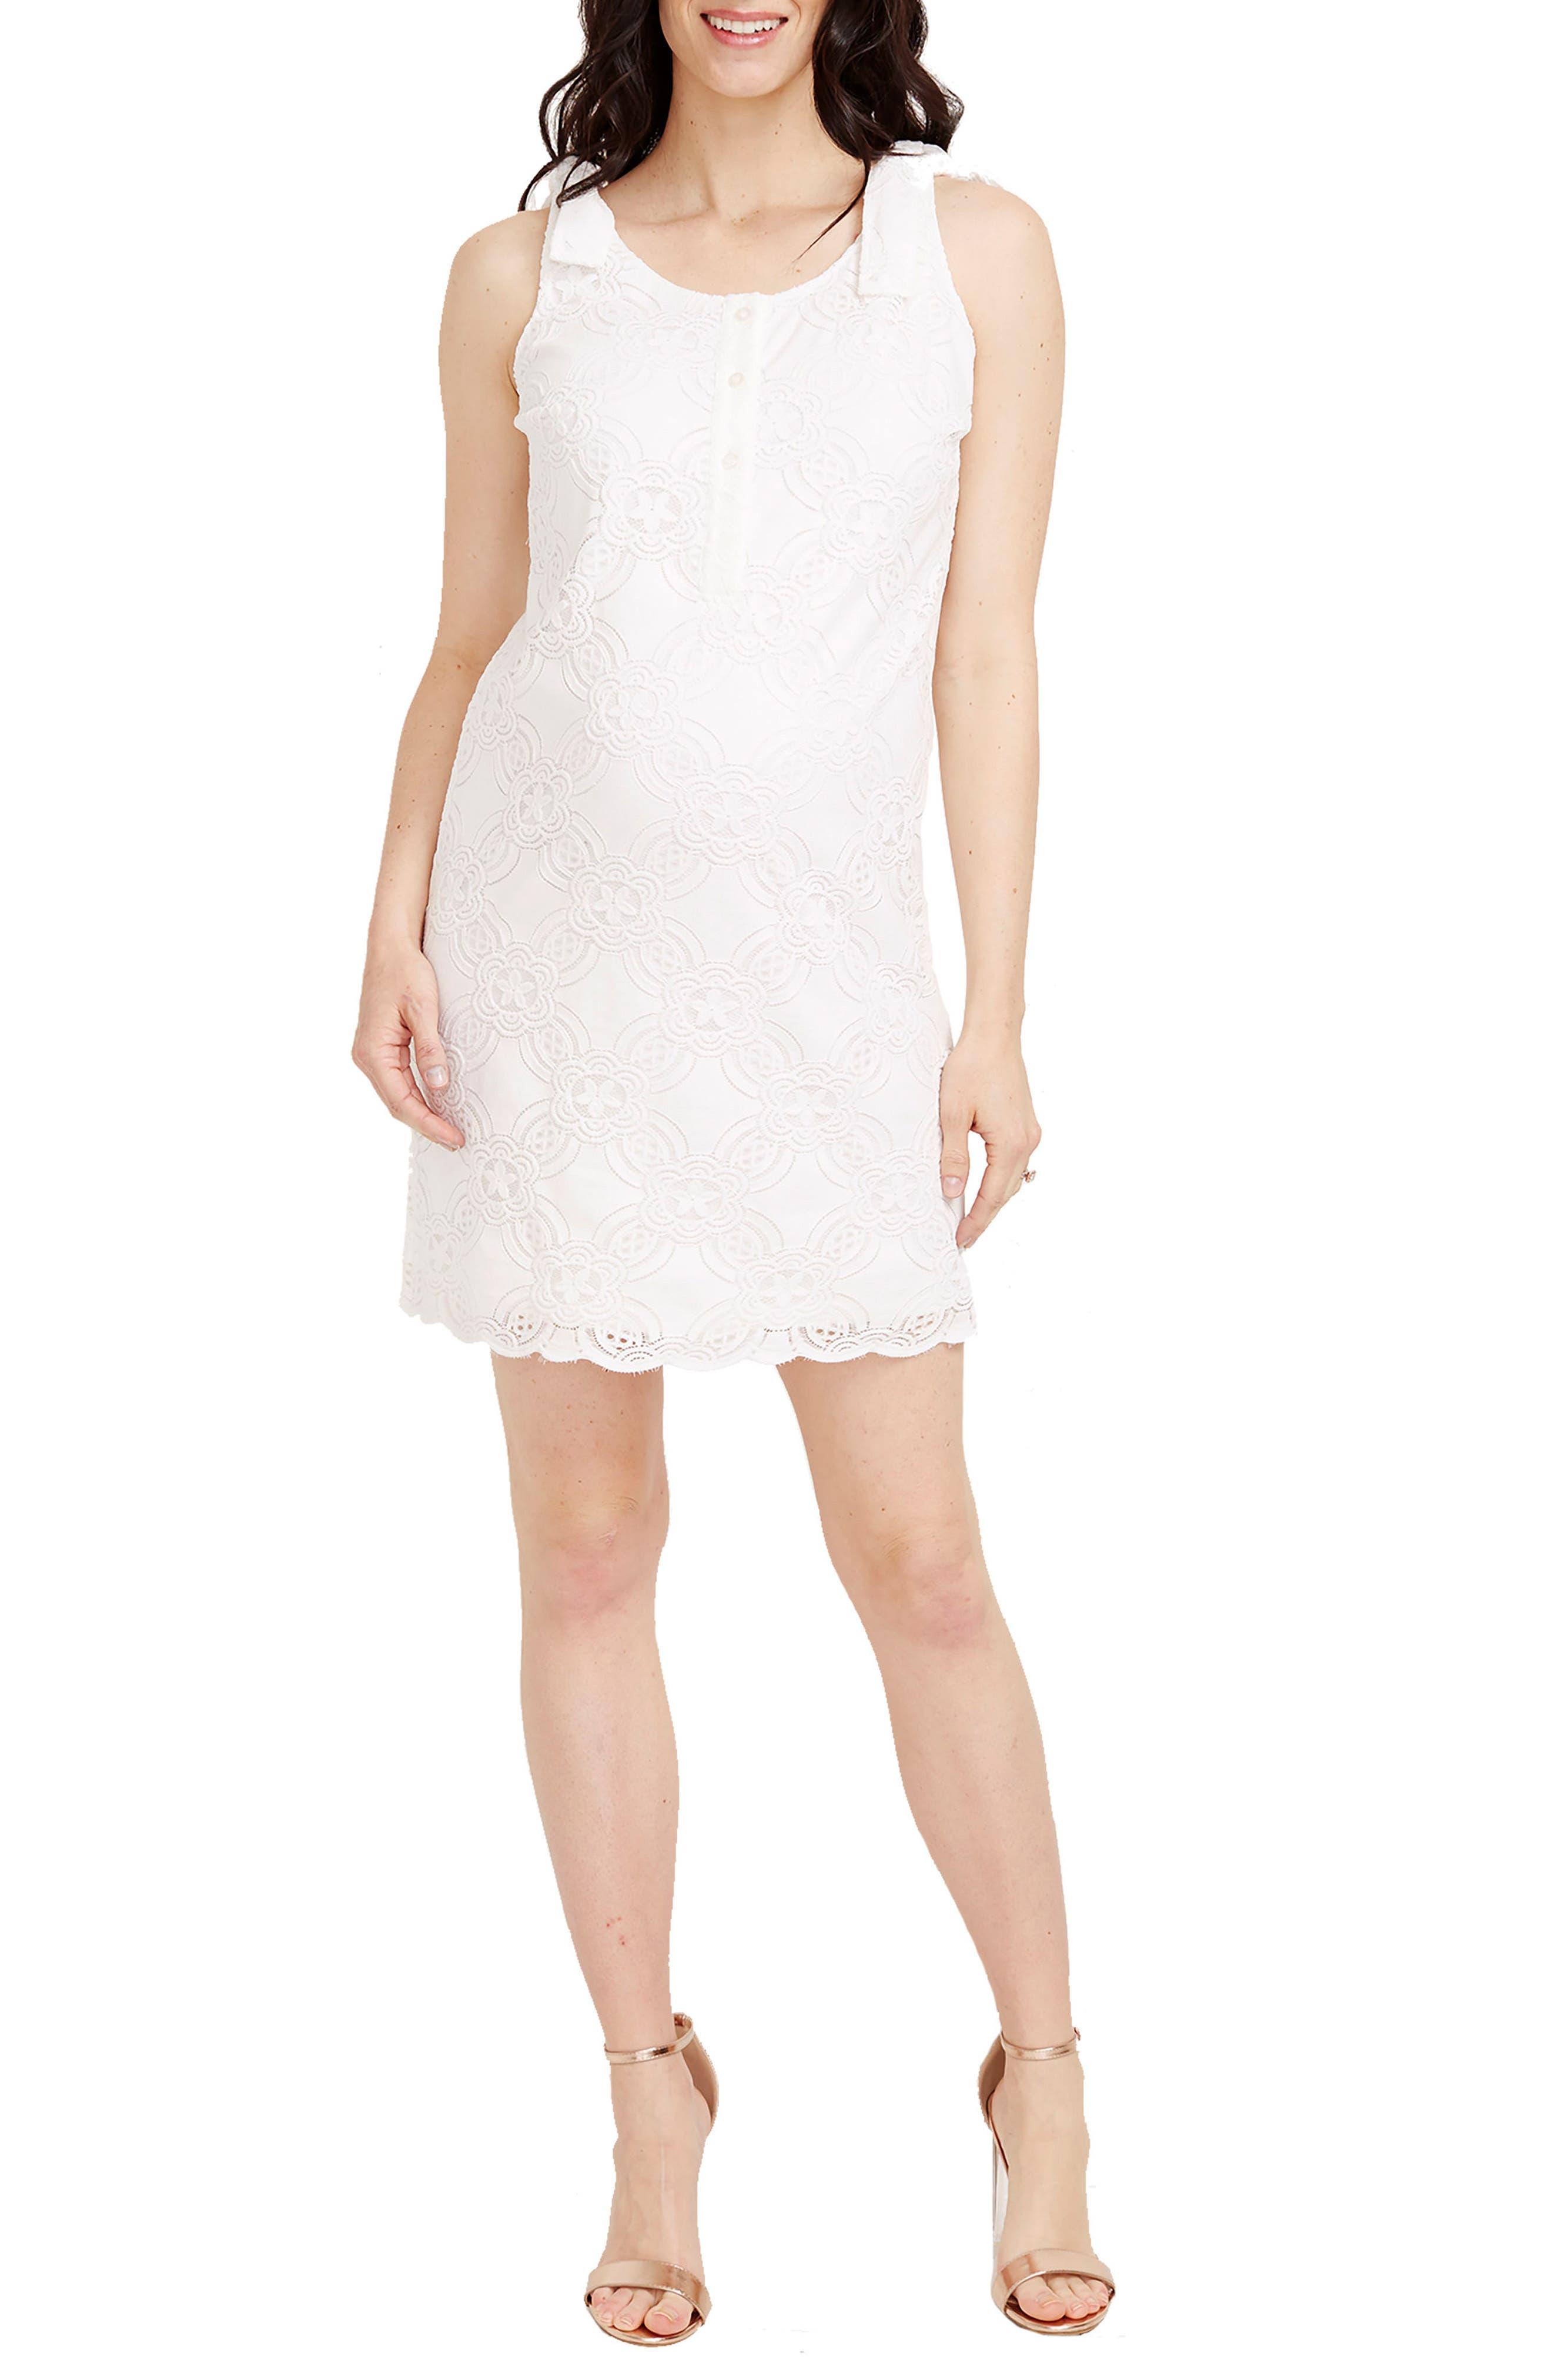 Rosie Pope Naomi Maternity Shift Dress, Ivory